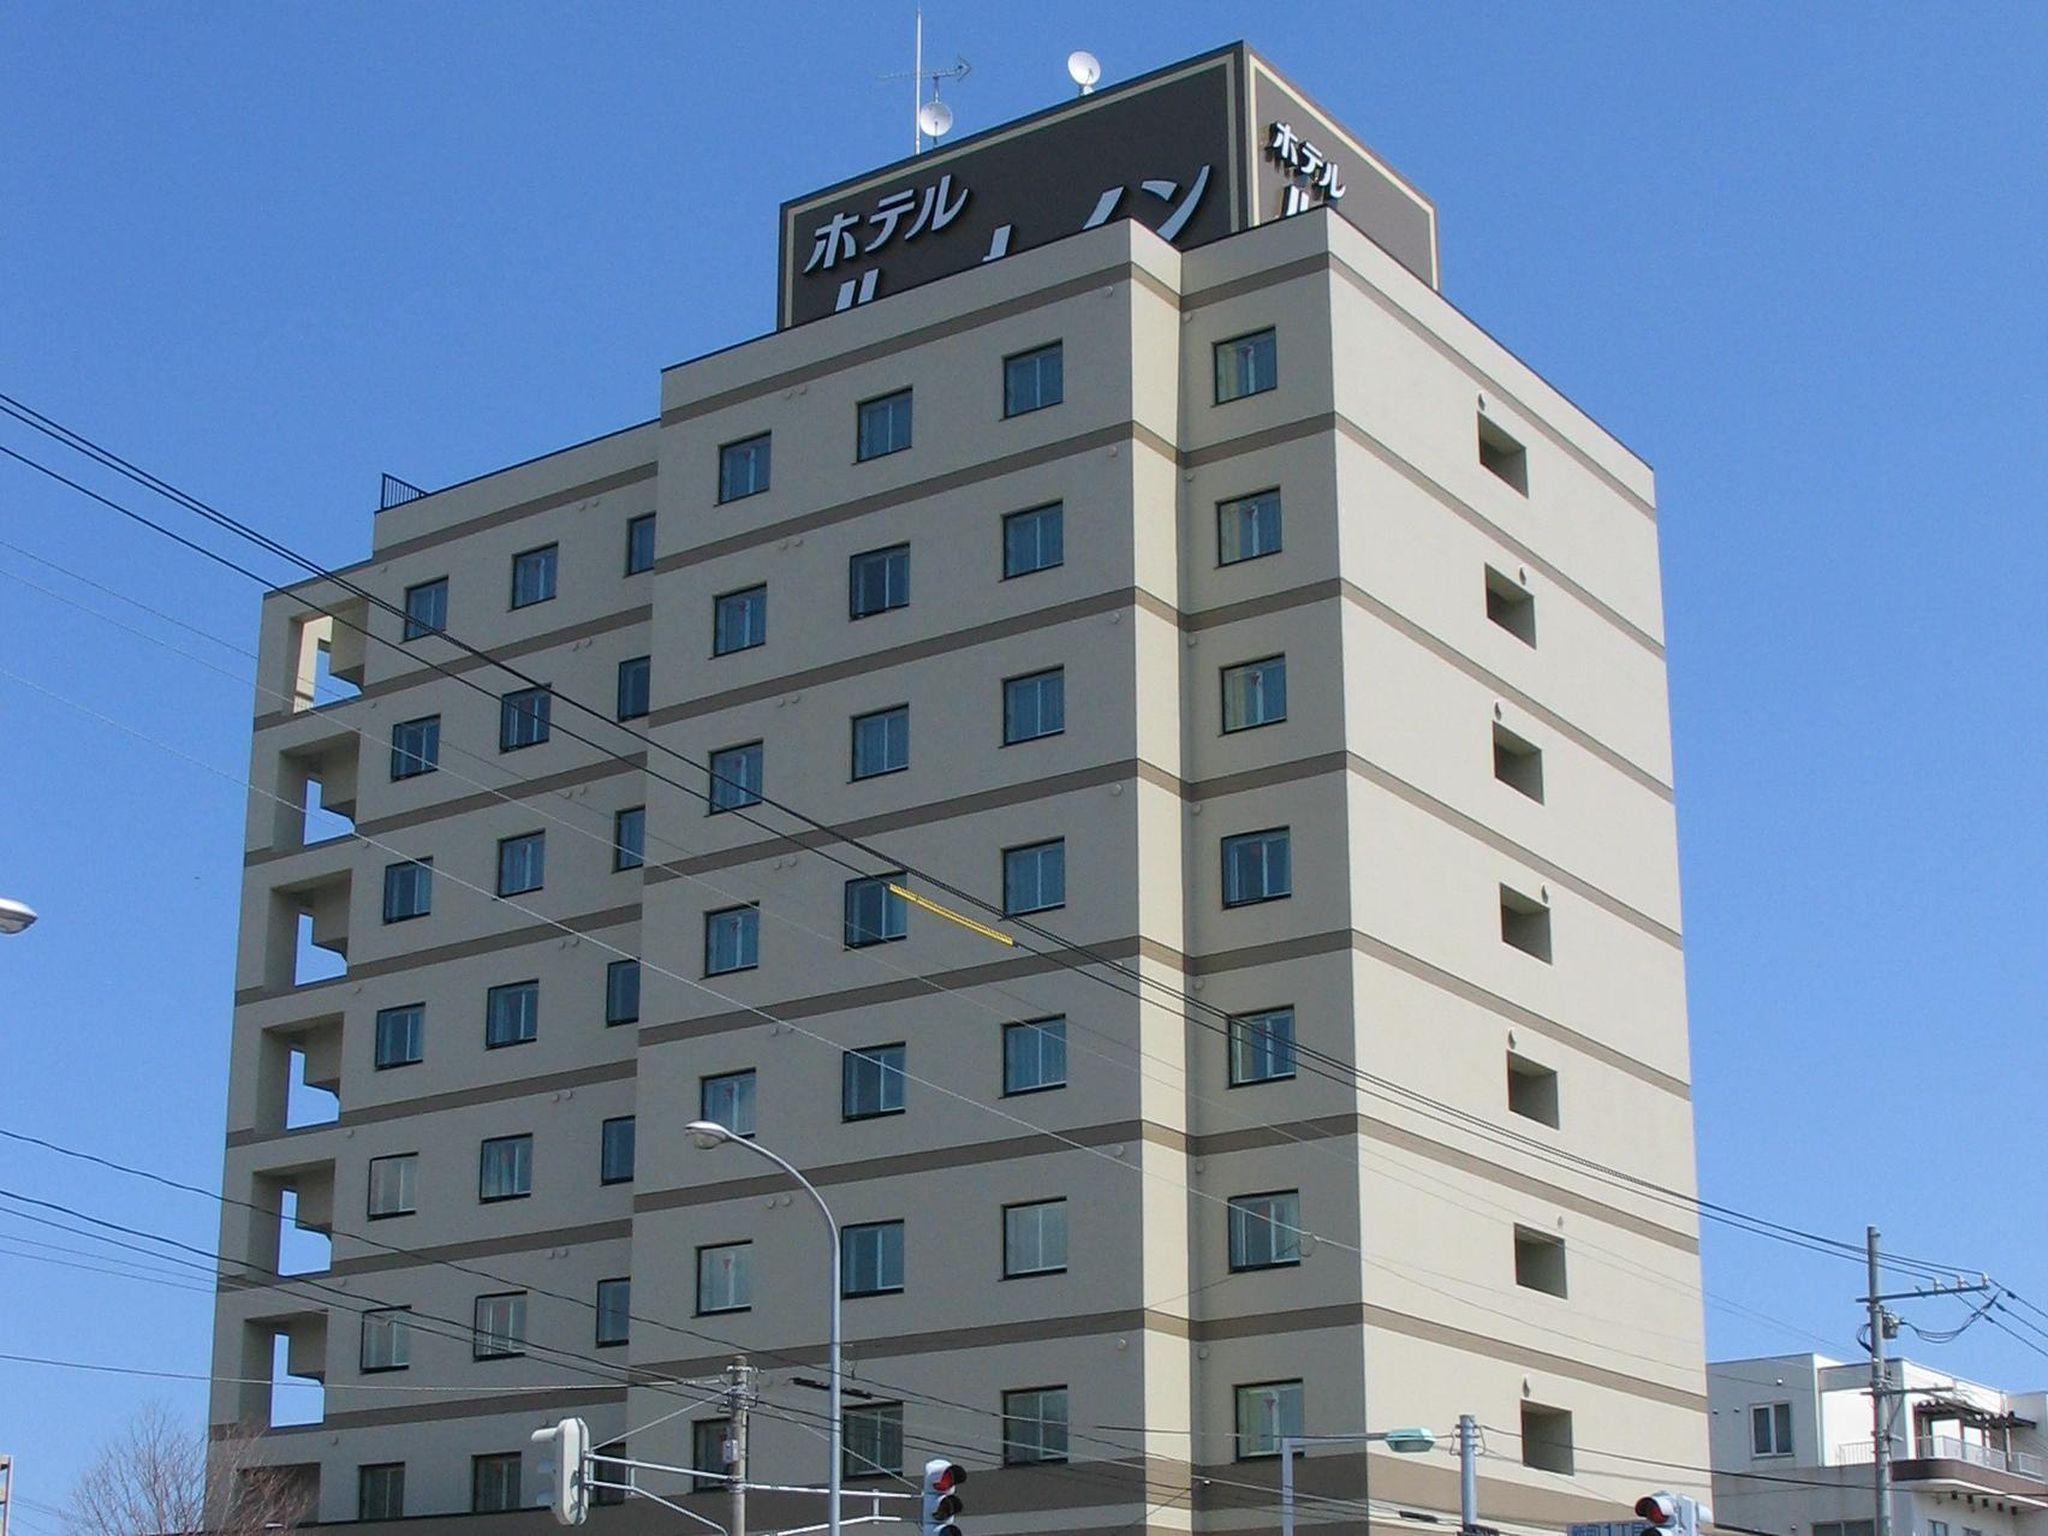 Hotel Route Inn Abashiri Ekimae 宾馆网走站前路酒店